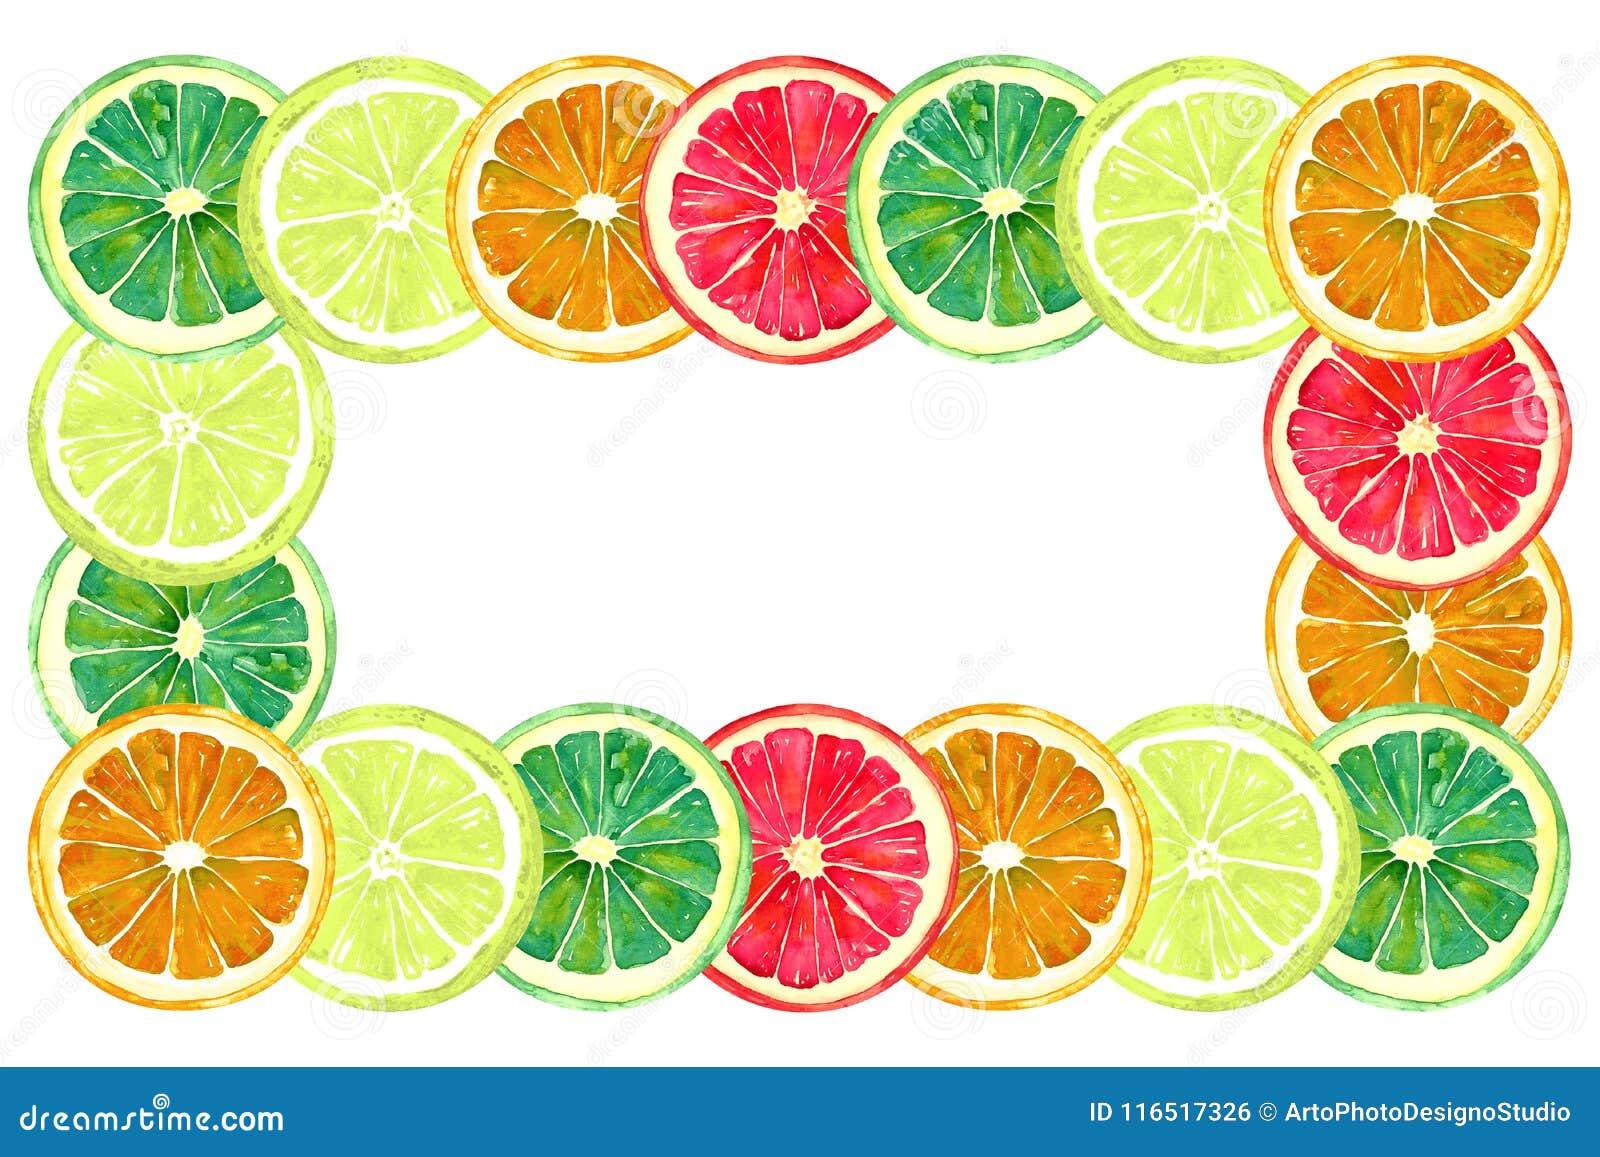 葡萄柚、桔子、石灰和柠檬、水平的框架的贺卡或横幅设计,白色背景